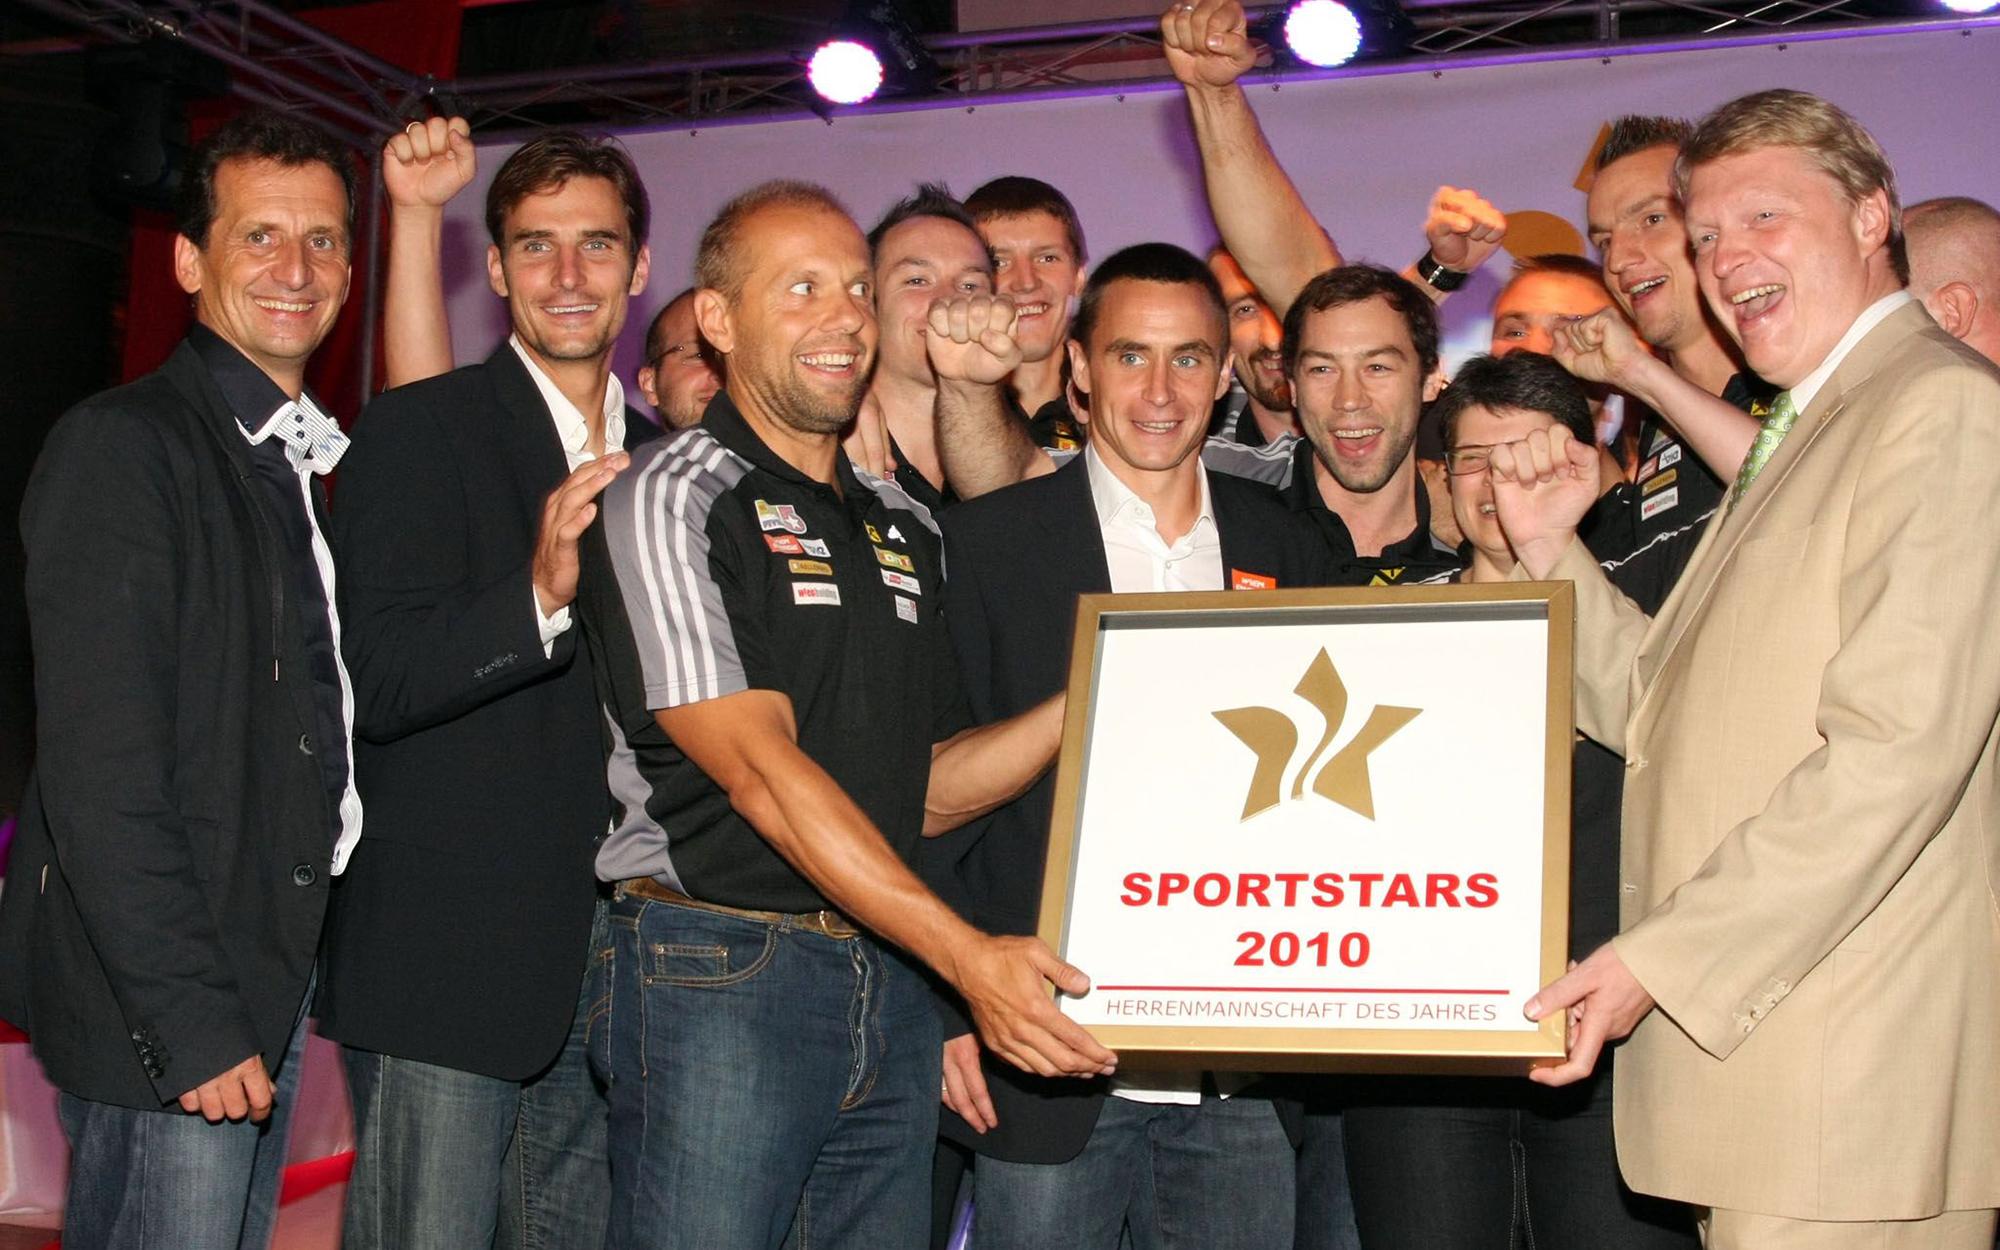 Gruppenfoto Sportstars 2010